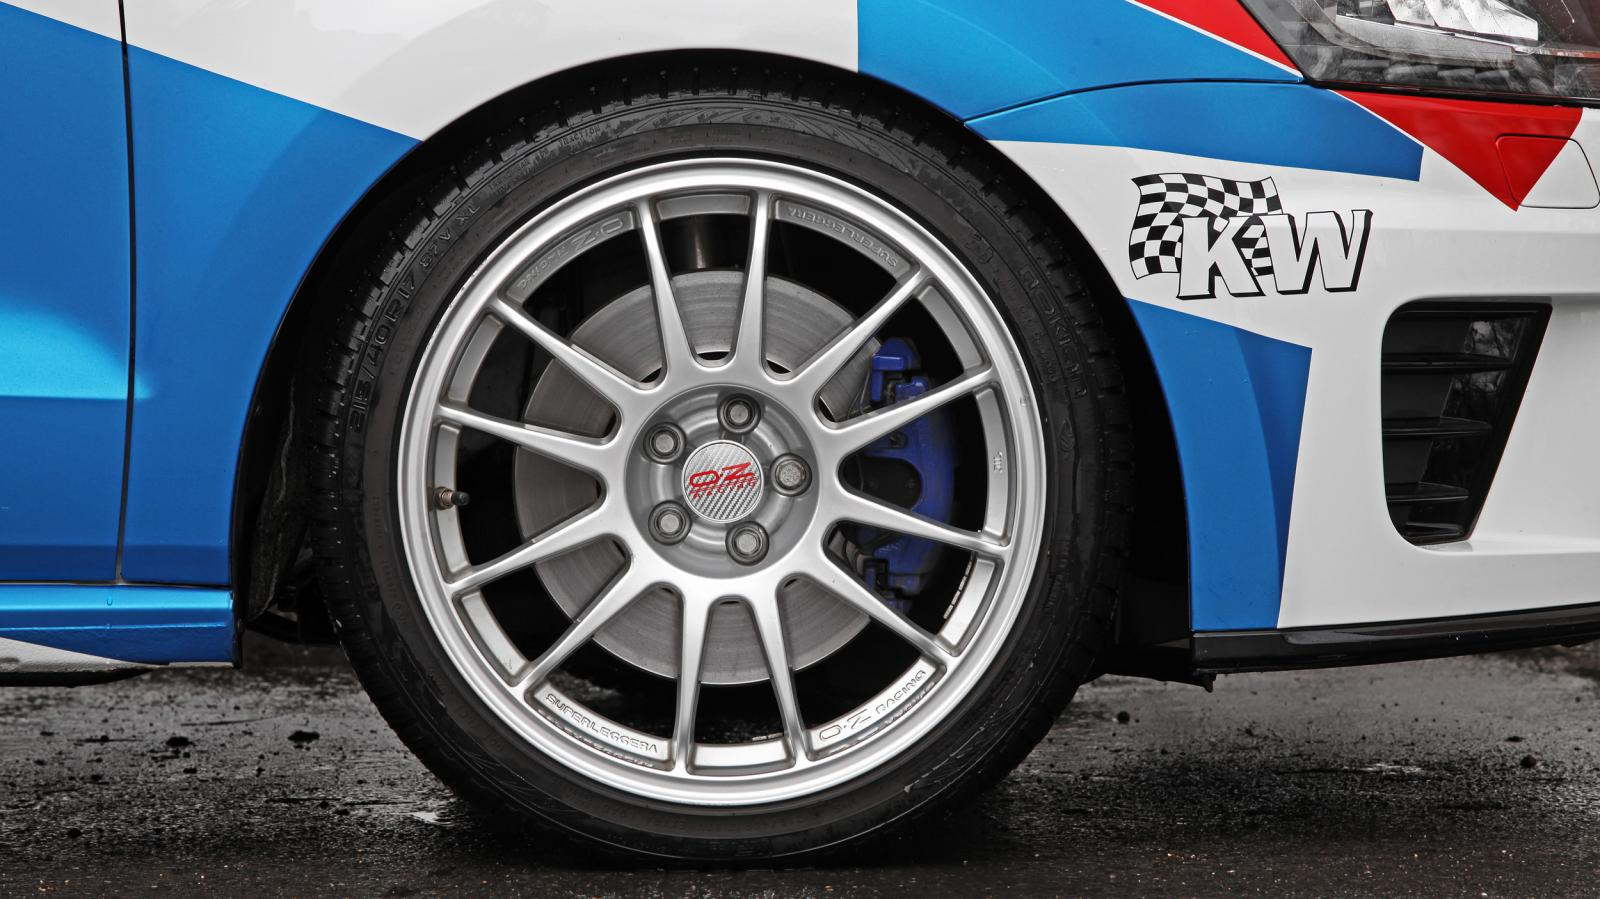 ¡Increíble! El Volkswagen Polo R WRC Street tiene 420 CV sobre el 2.0 TSI 2